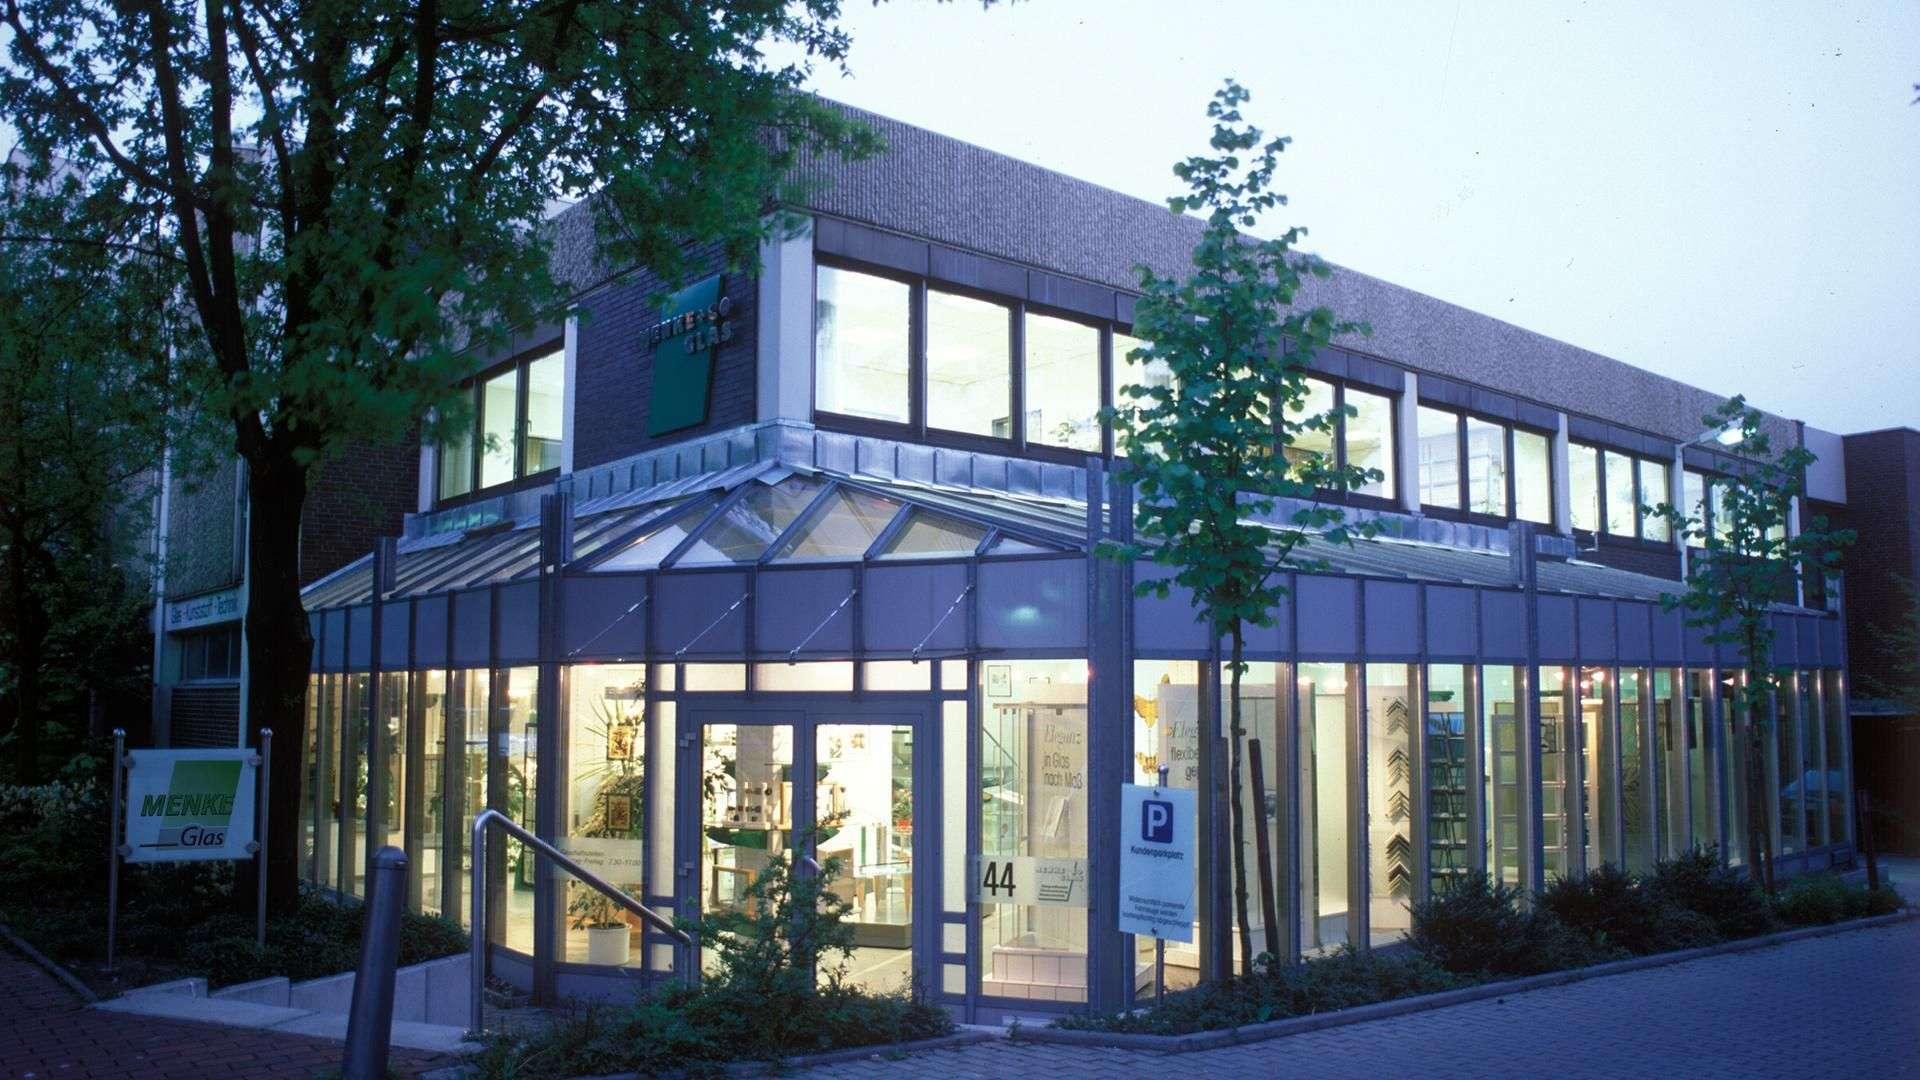 Menke Unsere Ausstellung in Bielefeld